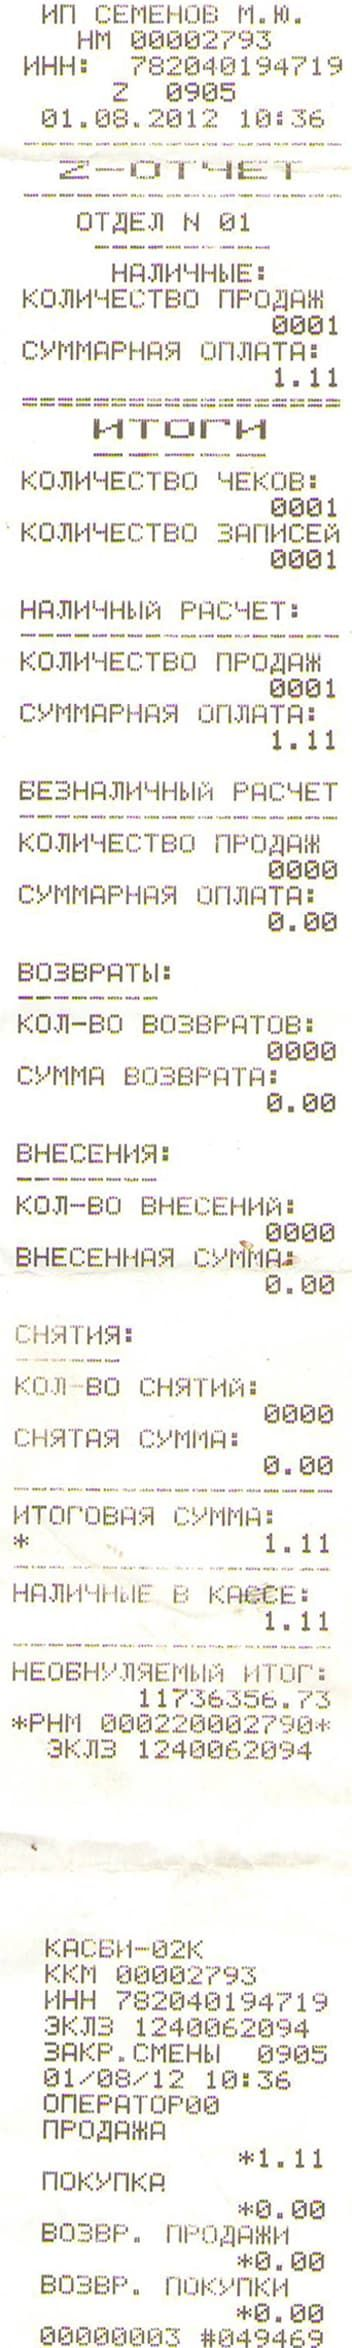 Инструкция Кассира Экр 2102 К